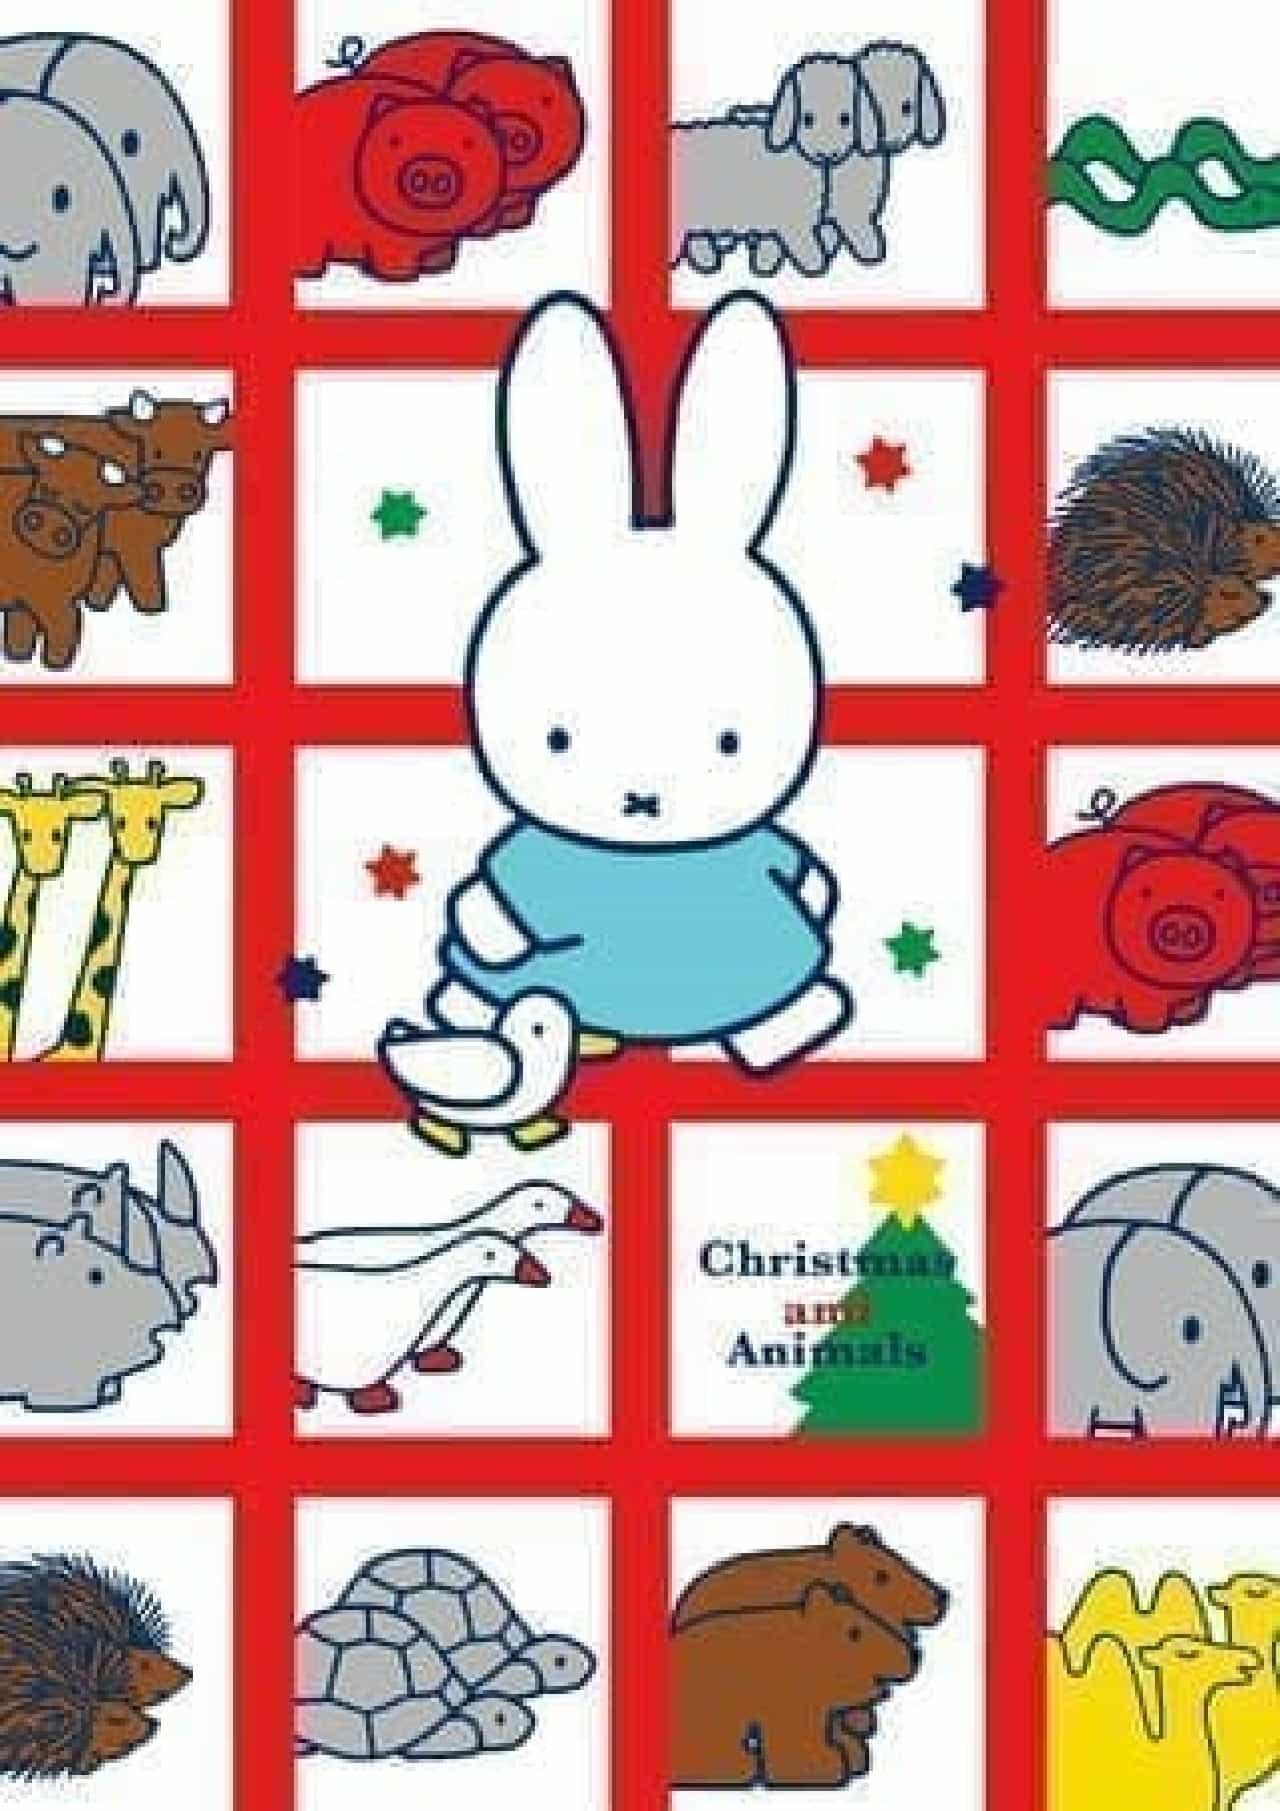 ミッフィー65周年企画をキデイランド原宿店が開催 -- 特典つきのクリスマスフェアも